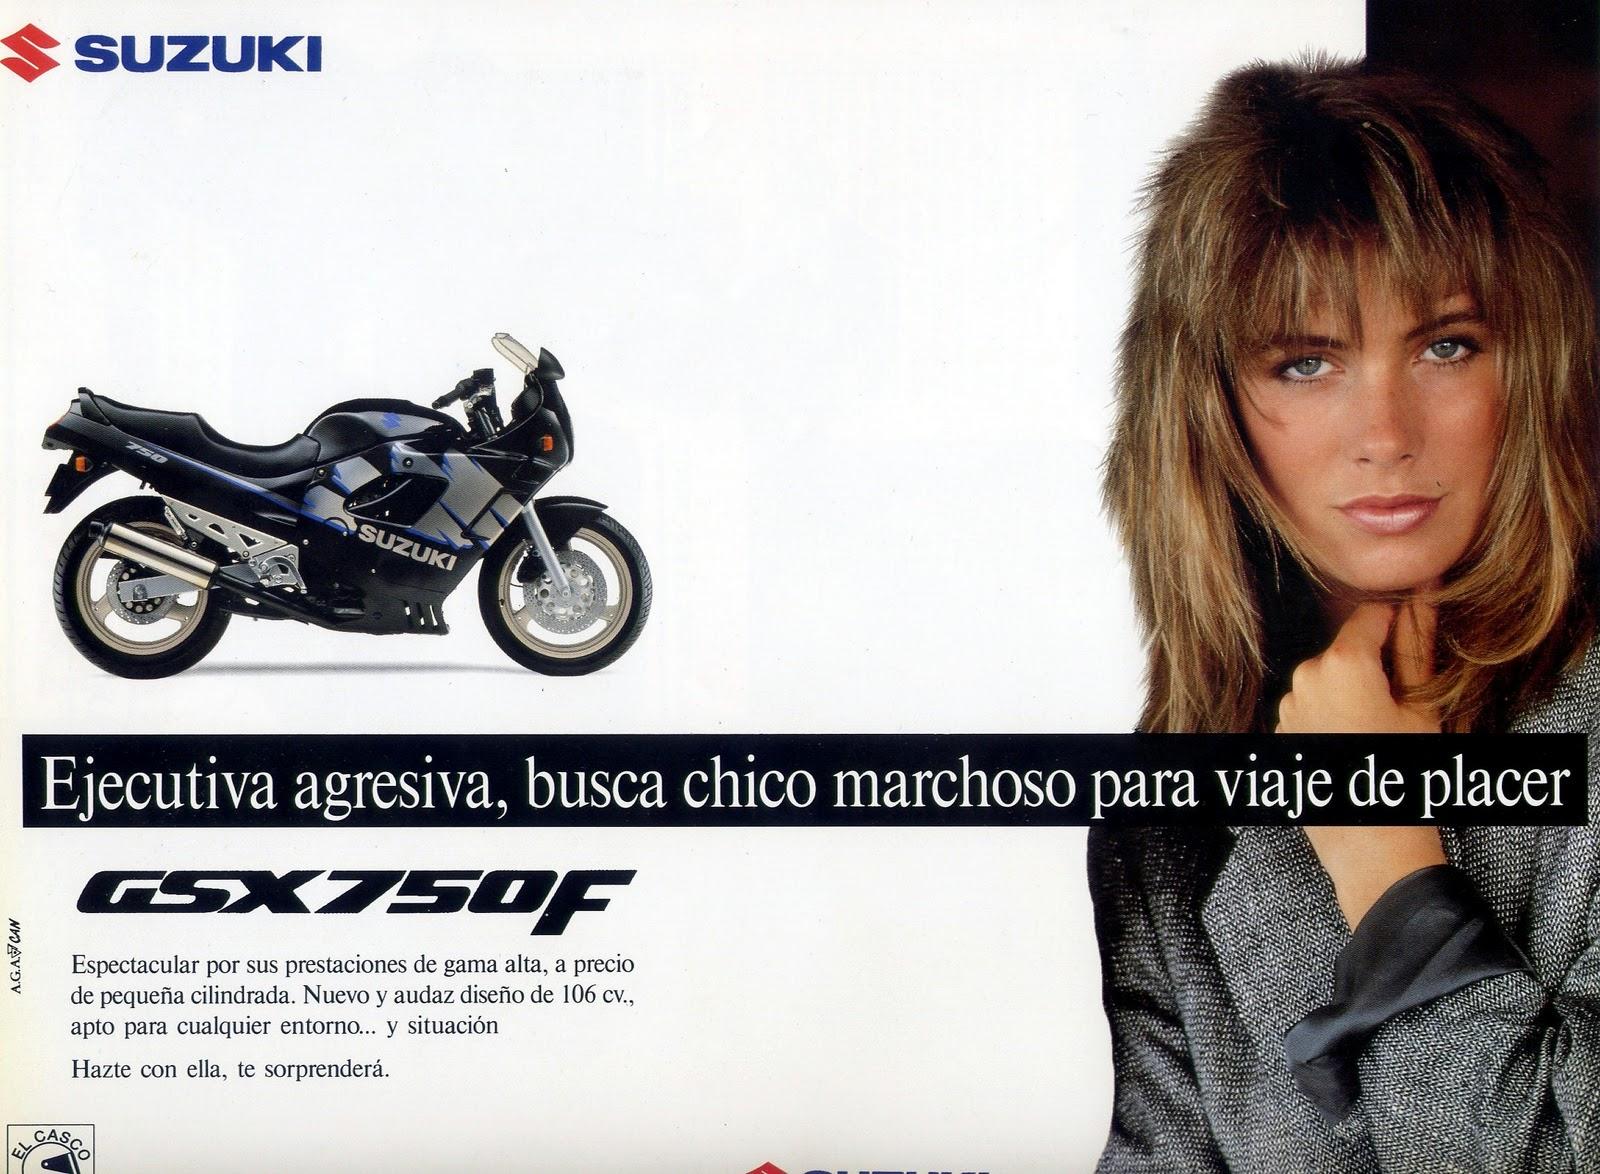 Imagenes de motos y mujeres sin ropa - imagenes de mujeres en motos sin ropa